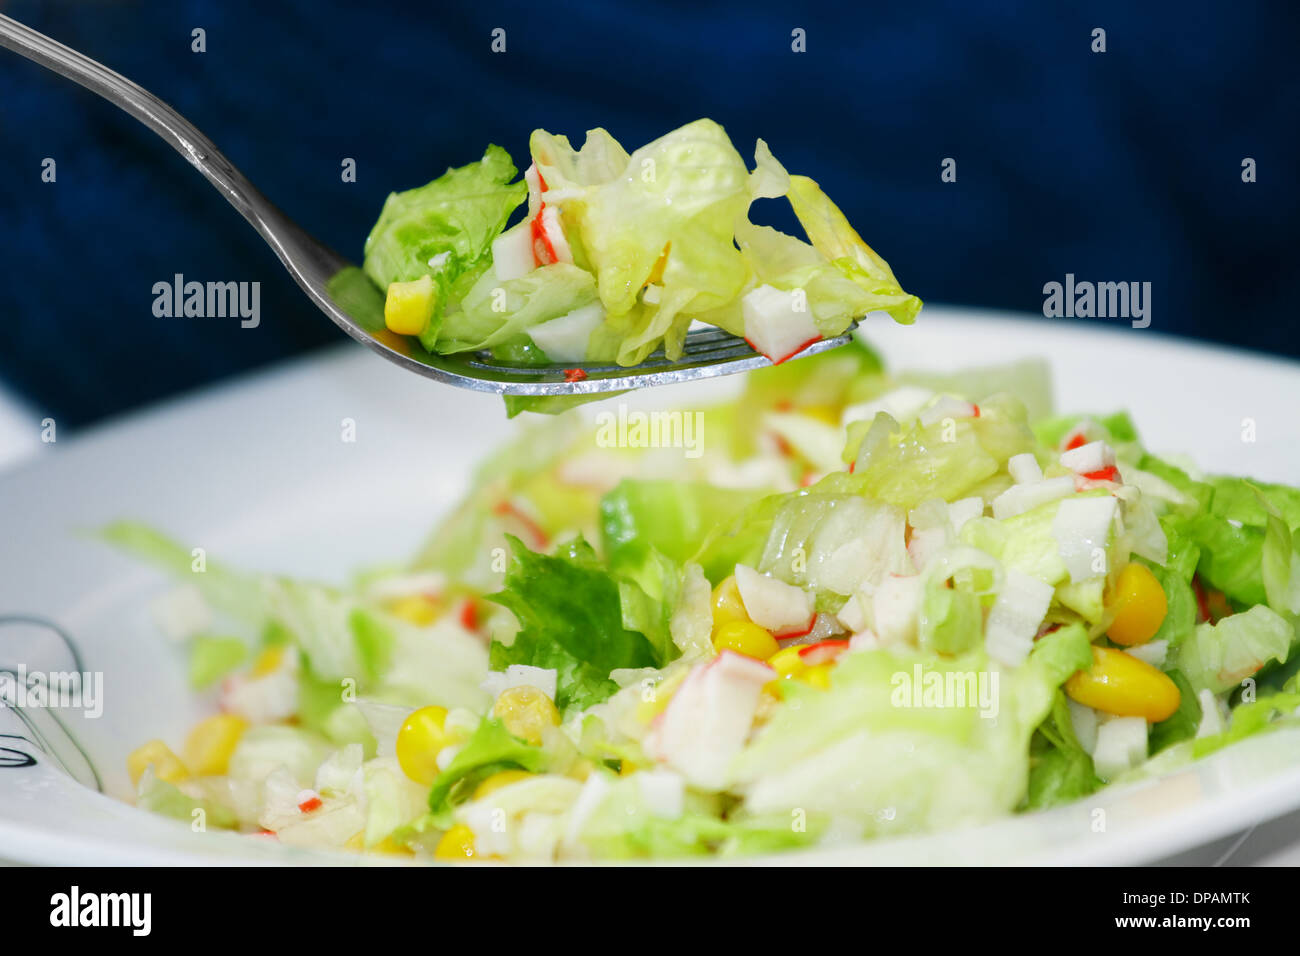 Frischer grüner Salat mit Krebsfleisch Stockfoto, Bild: 65389427 - Alamy